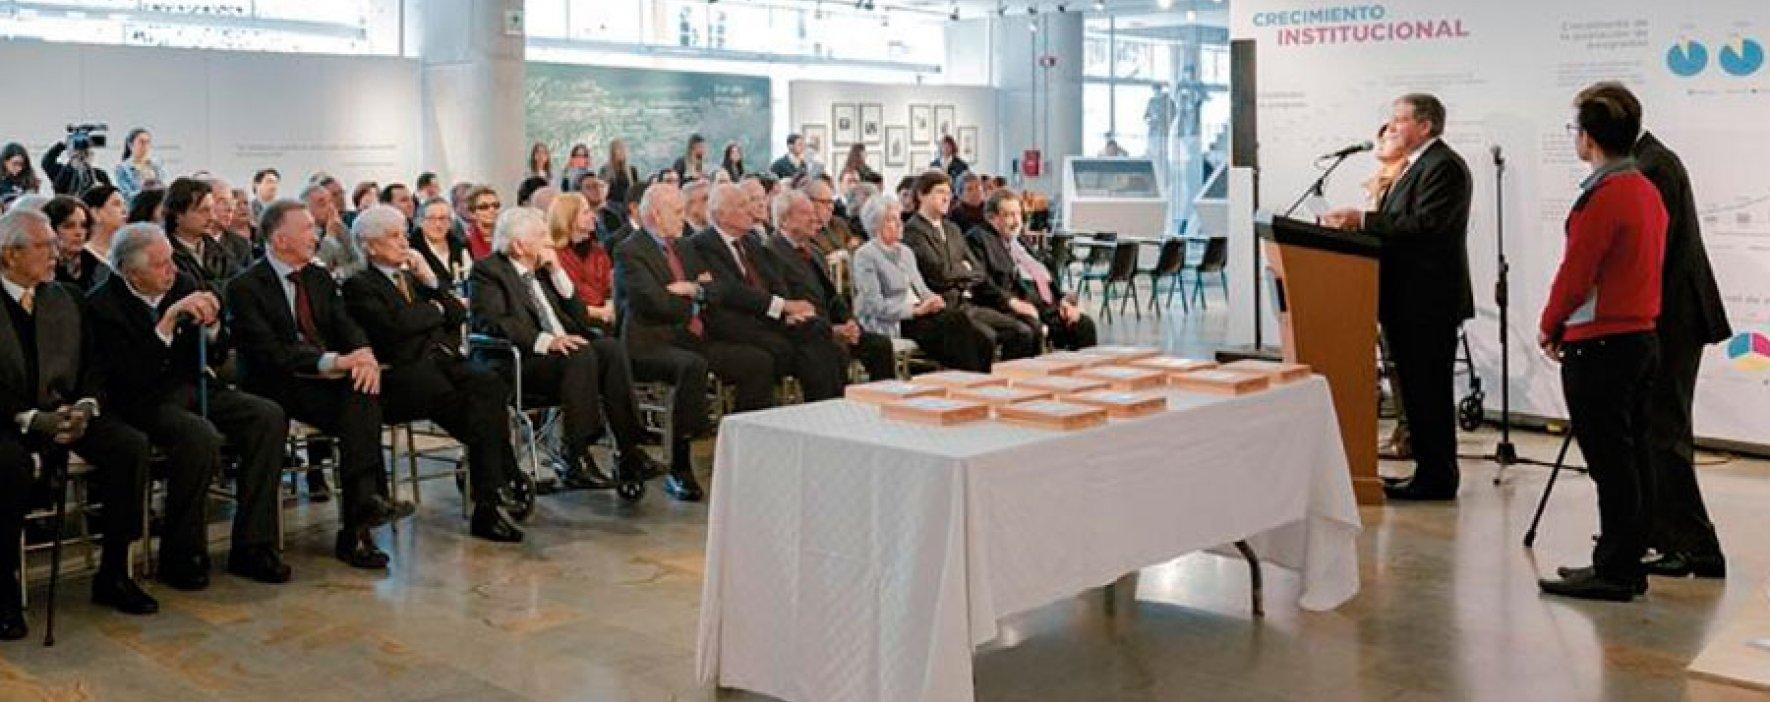 Nuestro fundador recibió homenaje por ser consejero honorario de UniAndes